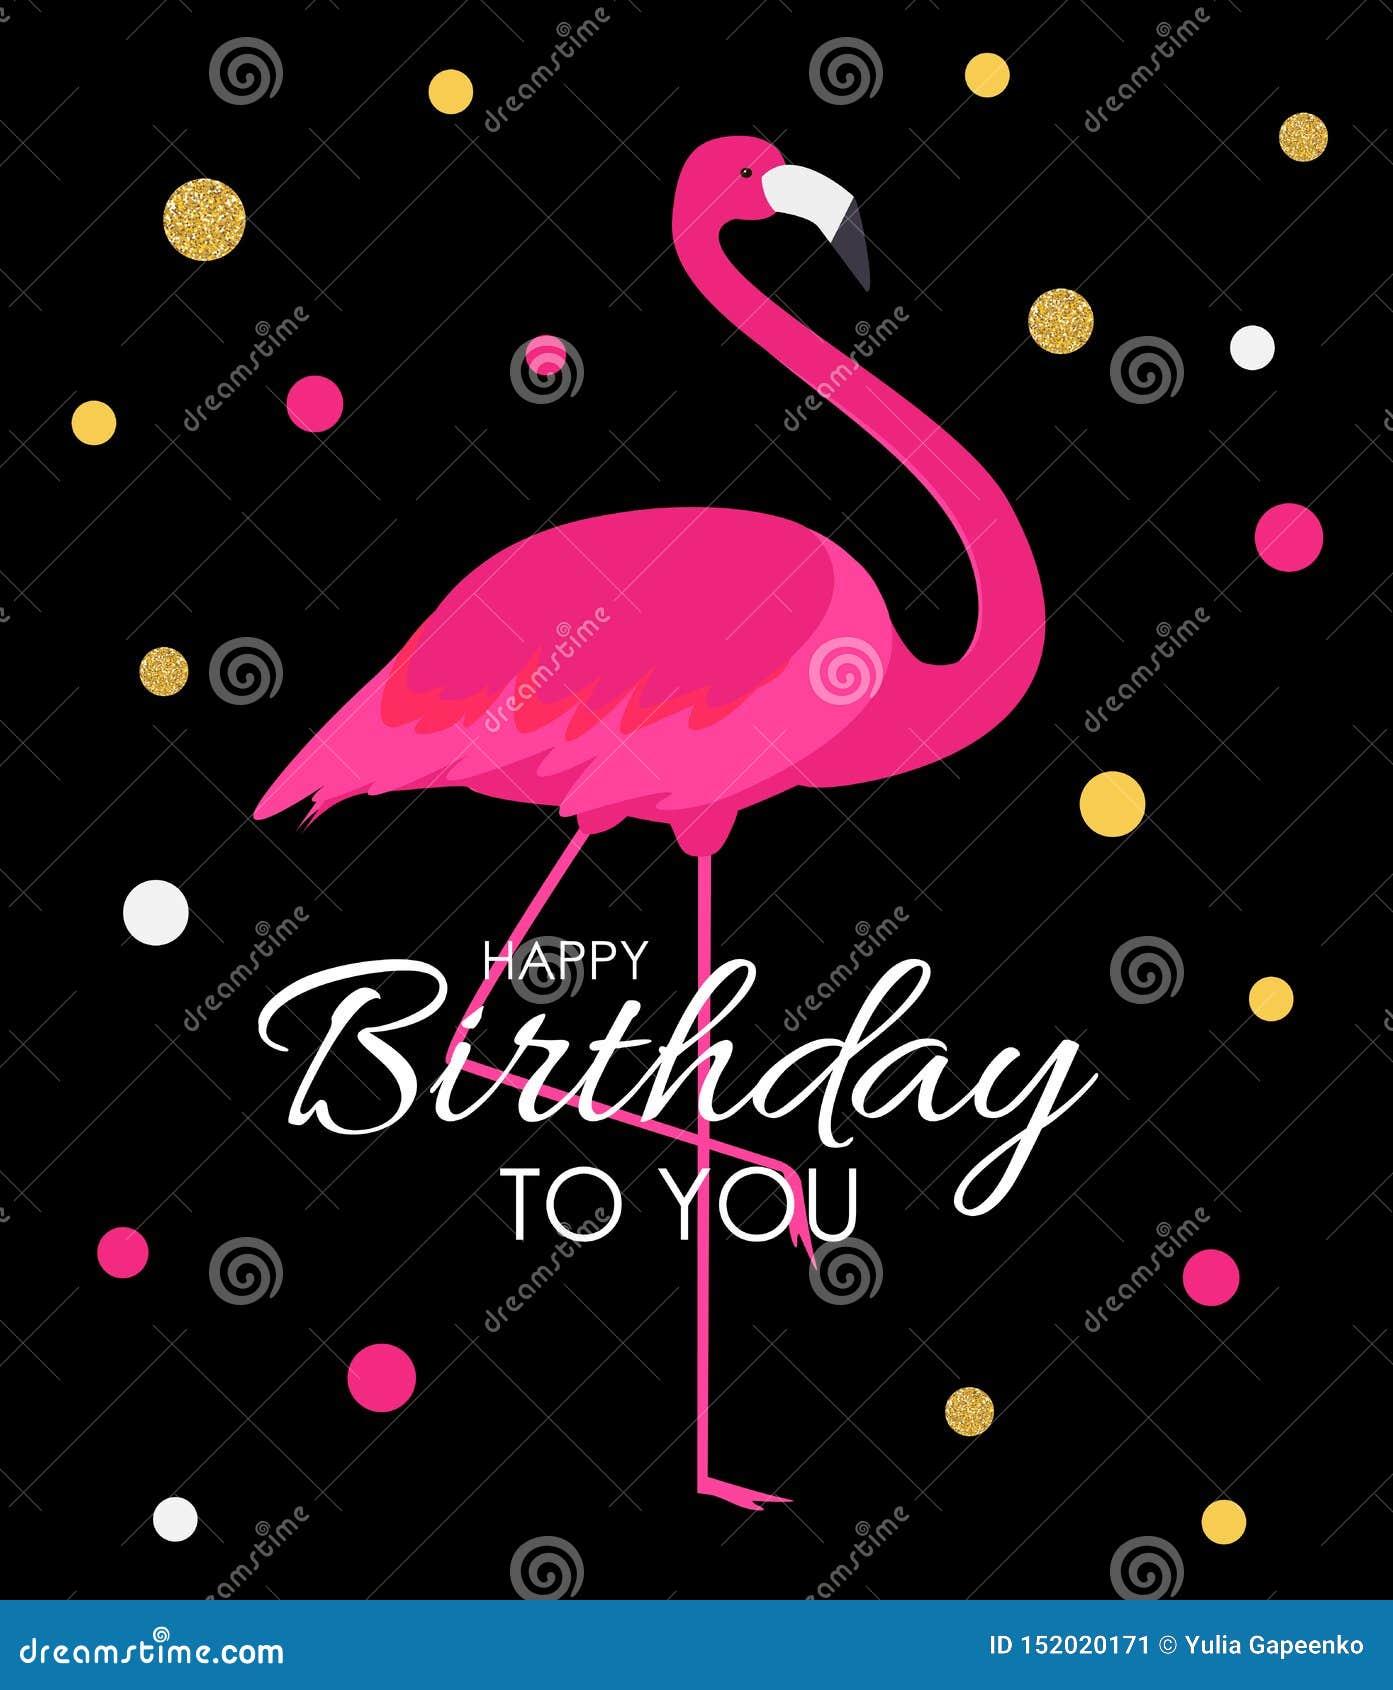 Bunter Karikatur Rosa-Flamingo auf einer schönen Hintergrundgrußkarte für Geburtstagsgrüße Abbildung